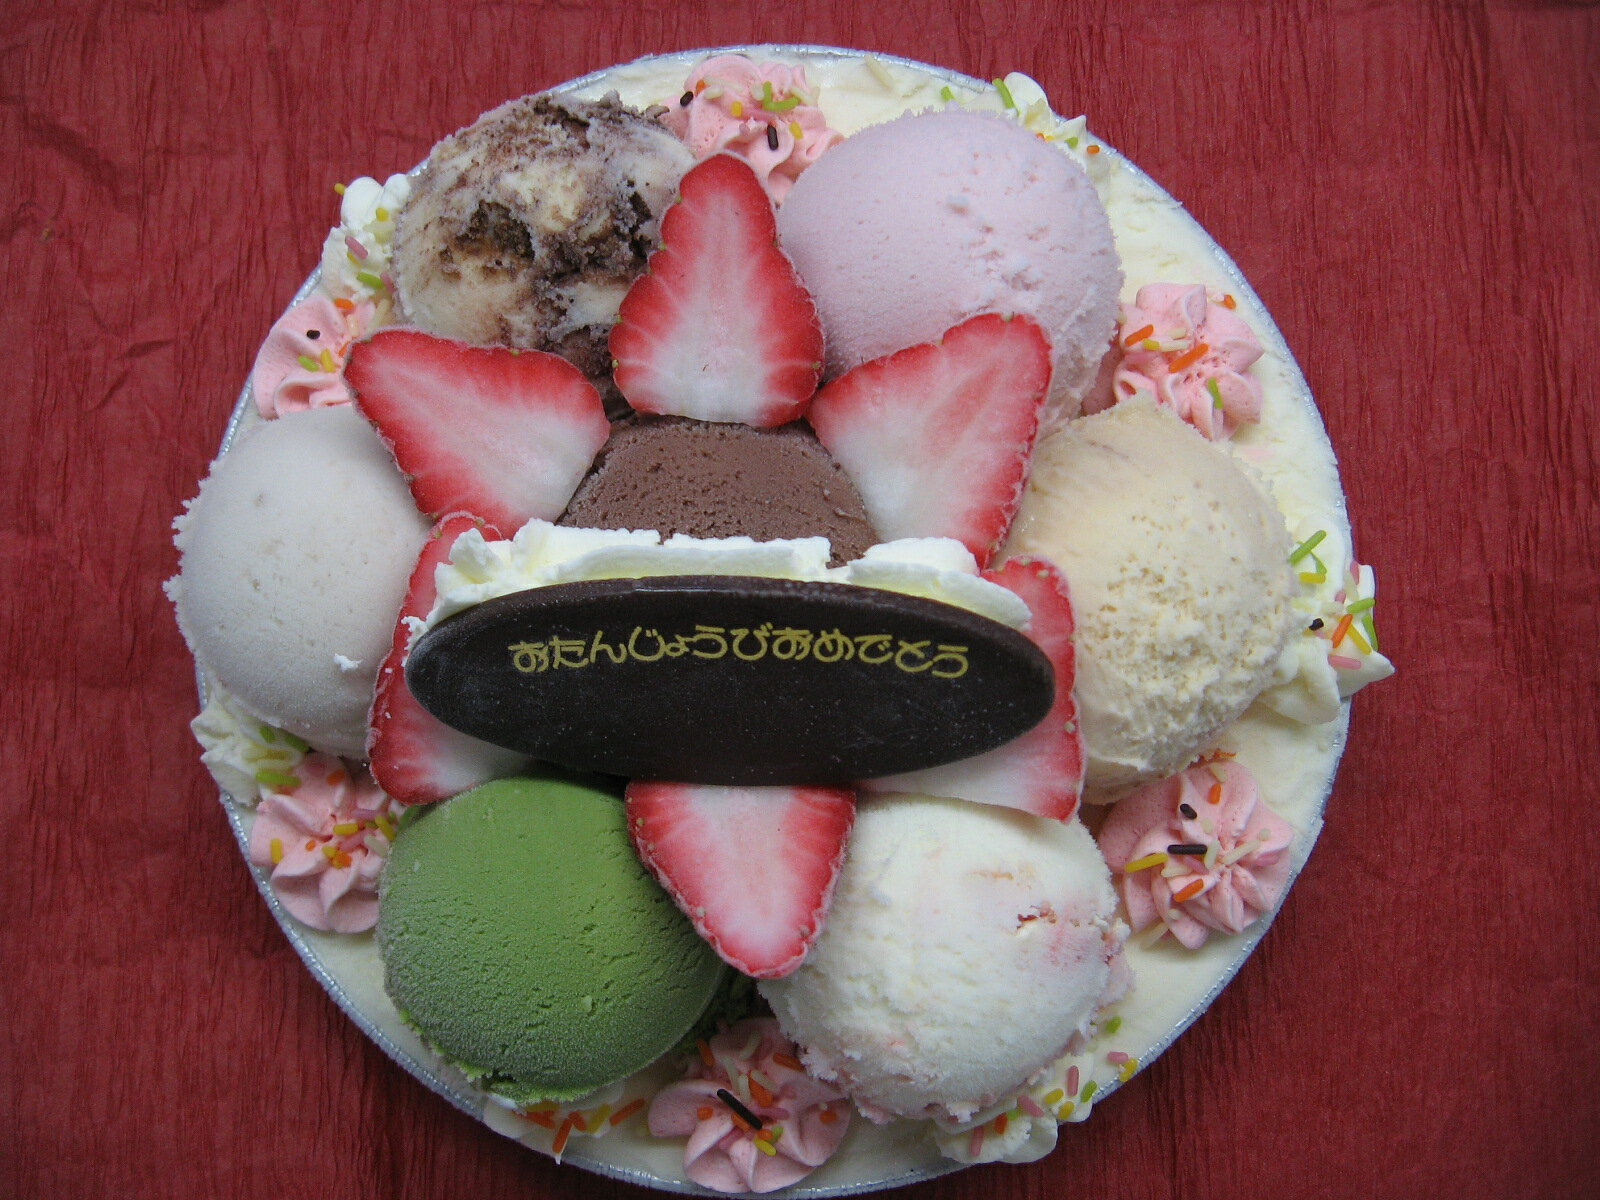 特製・手作りバースデイアイスケーキ 5号 GG ...の商品画像